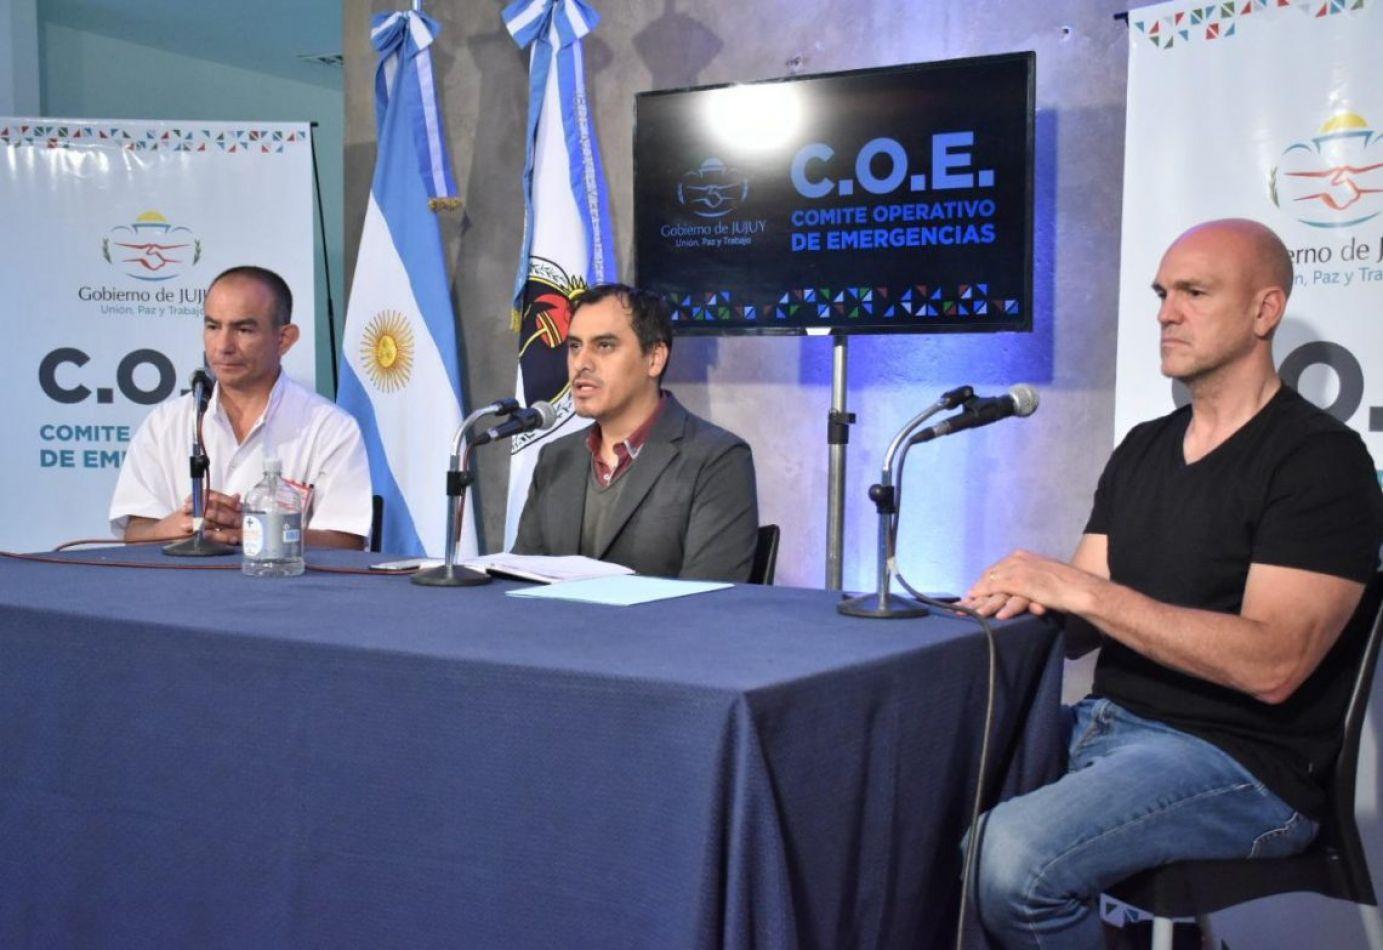 Foto: Prensa Jujuy